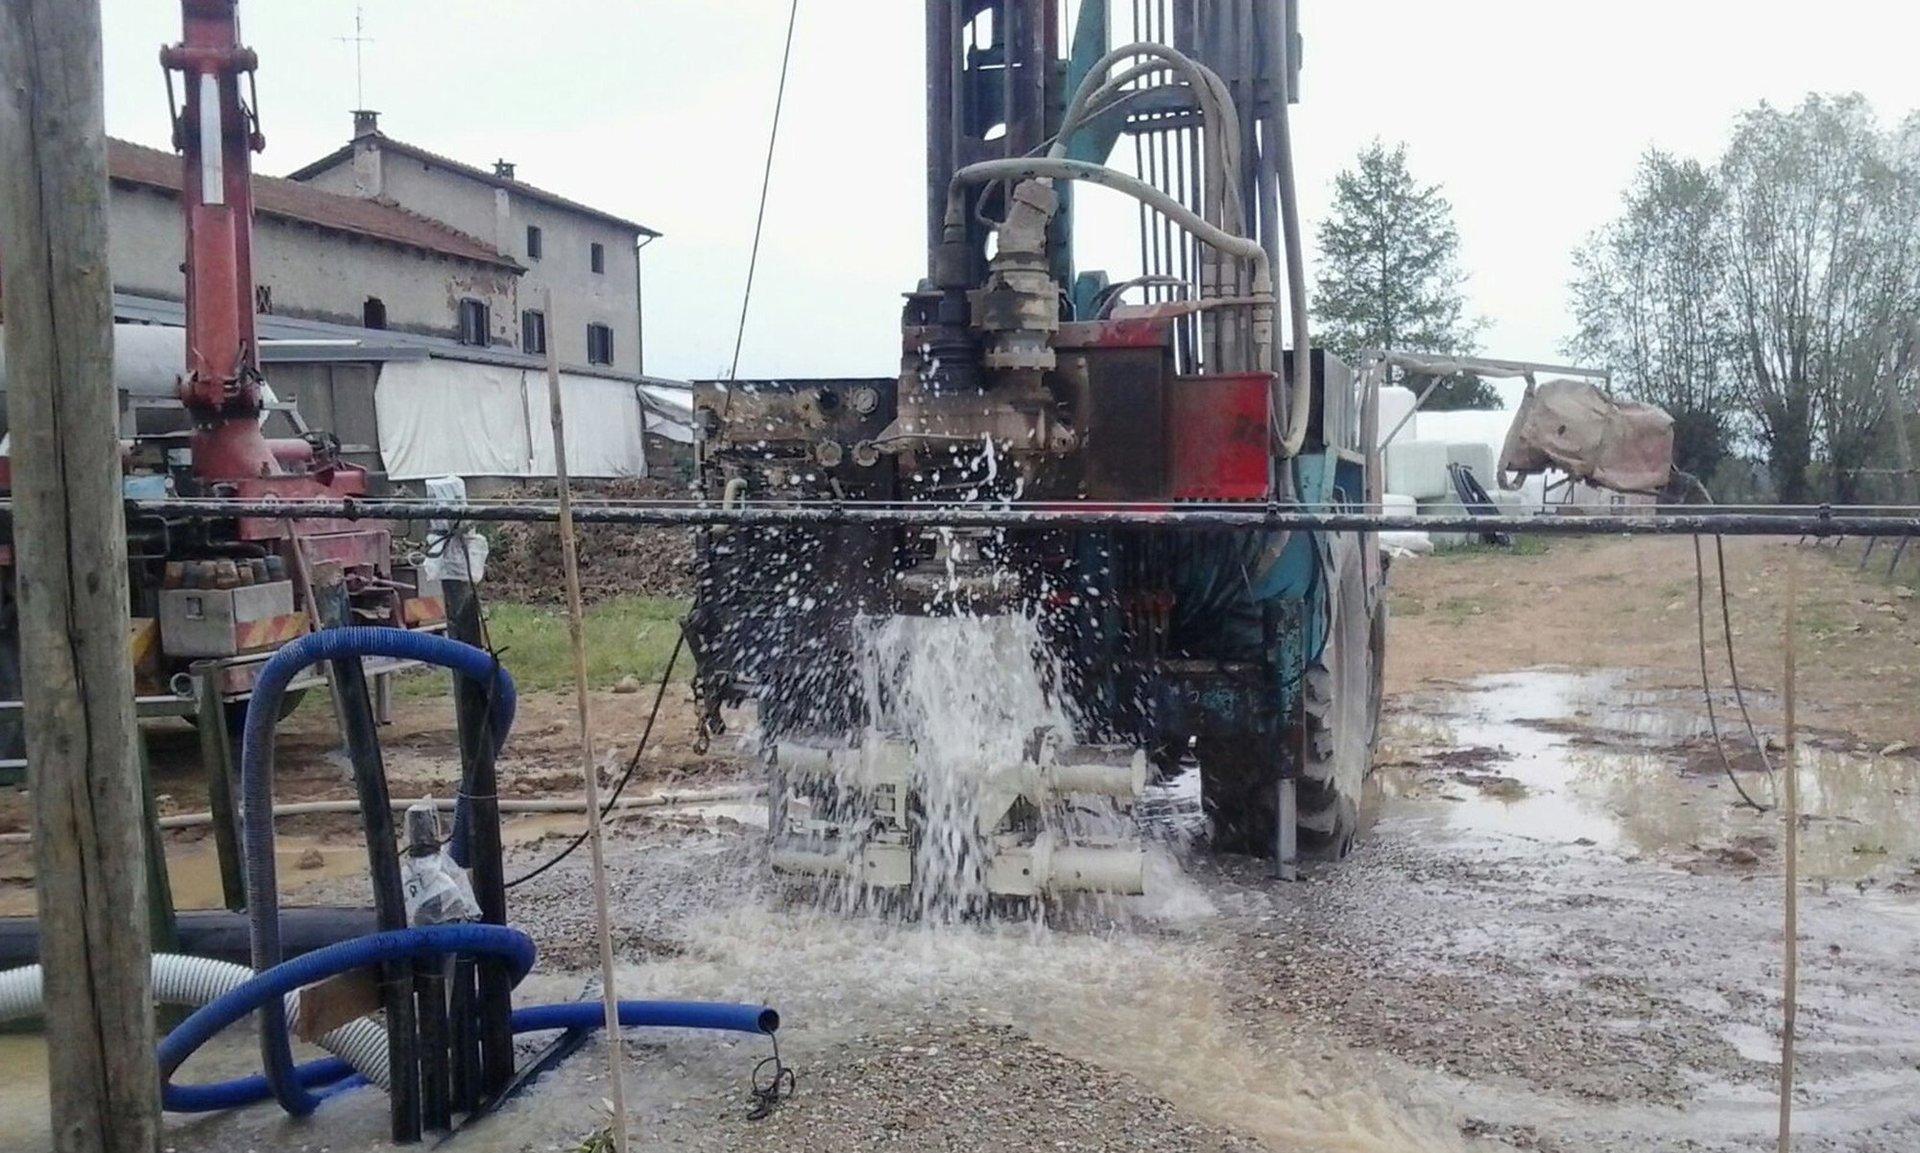 impianto di perforazione della trivellazione dell'acqua con trattore